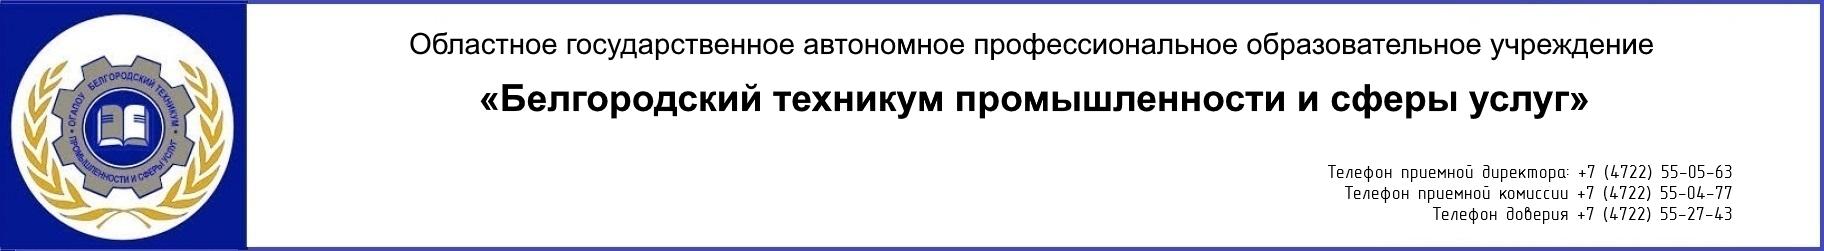 Белгородский техникум промышленности и сферы услуг